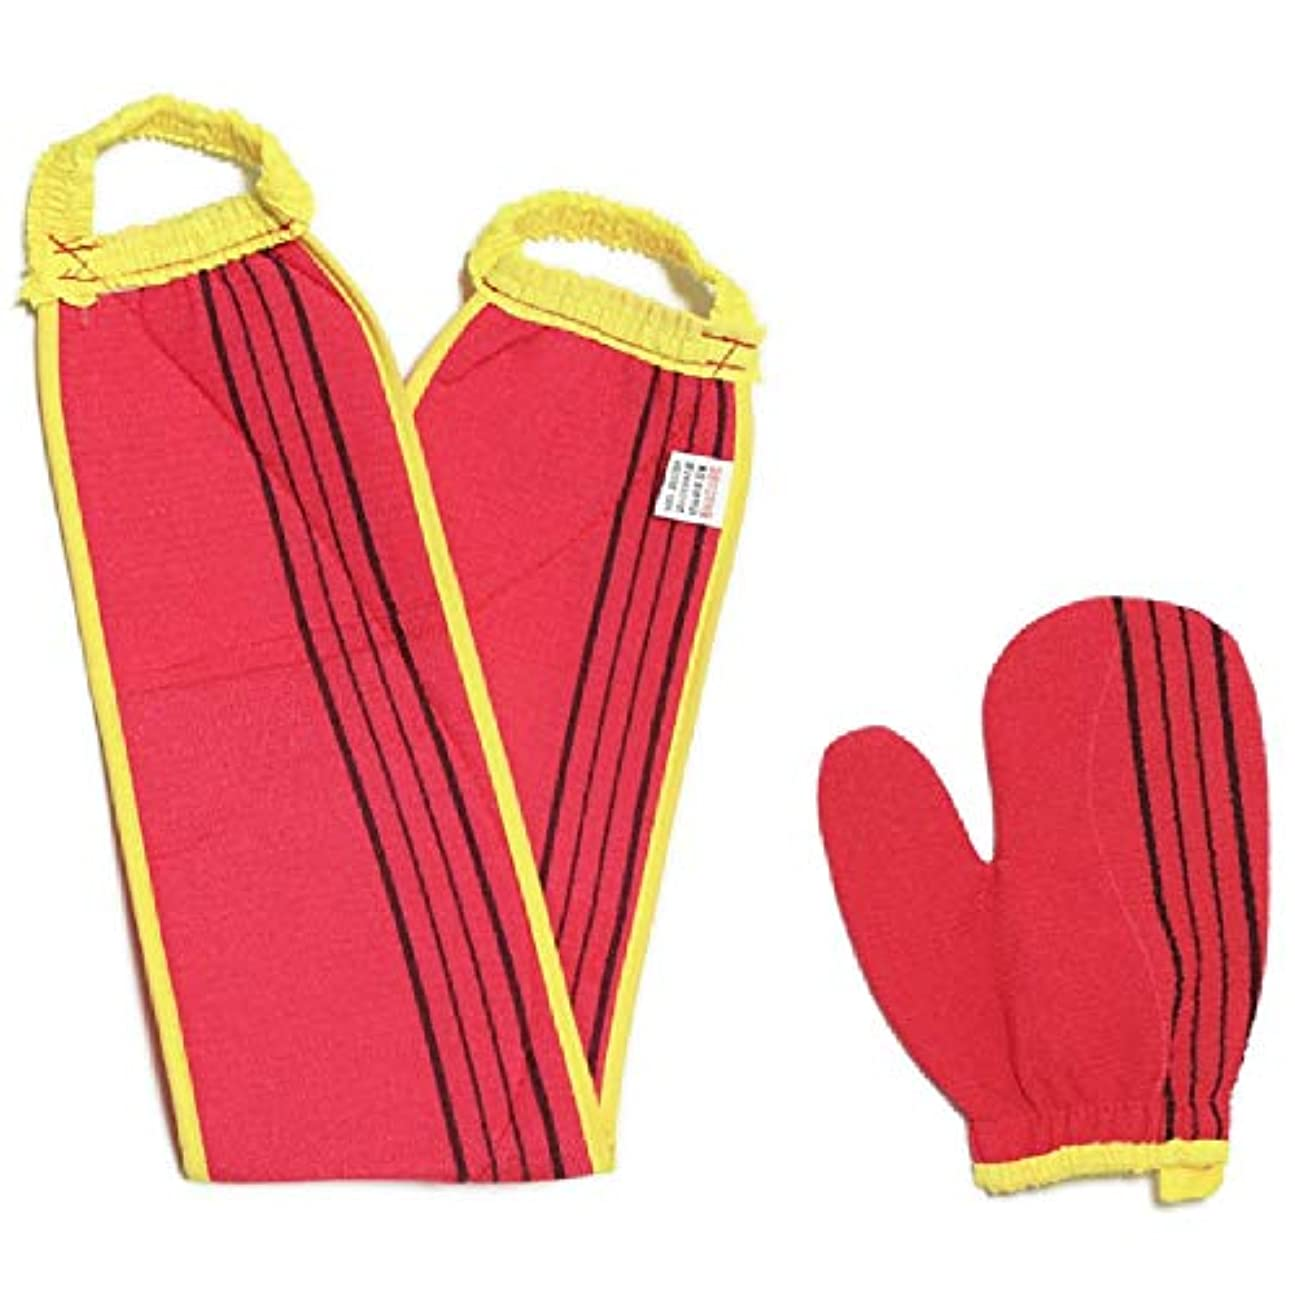 経験クロス引数(韓国ブランド) スポンジあかすりセット 全身あかすり 手袋と背中のあかすり 全身エステ 両面つばあかすり お風呂グッズ ボディタオル ボディースポンジ (赤色セット)